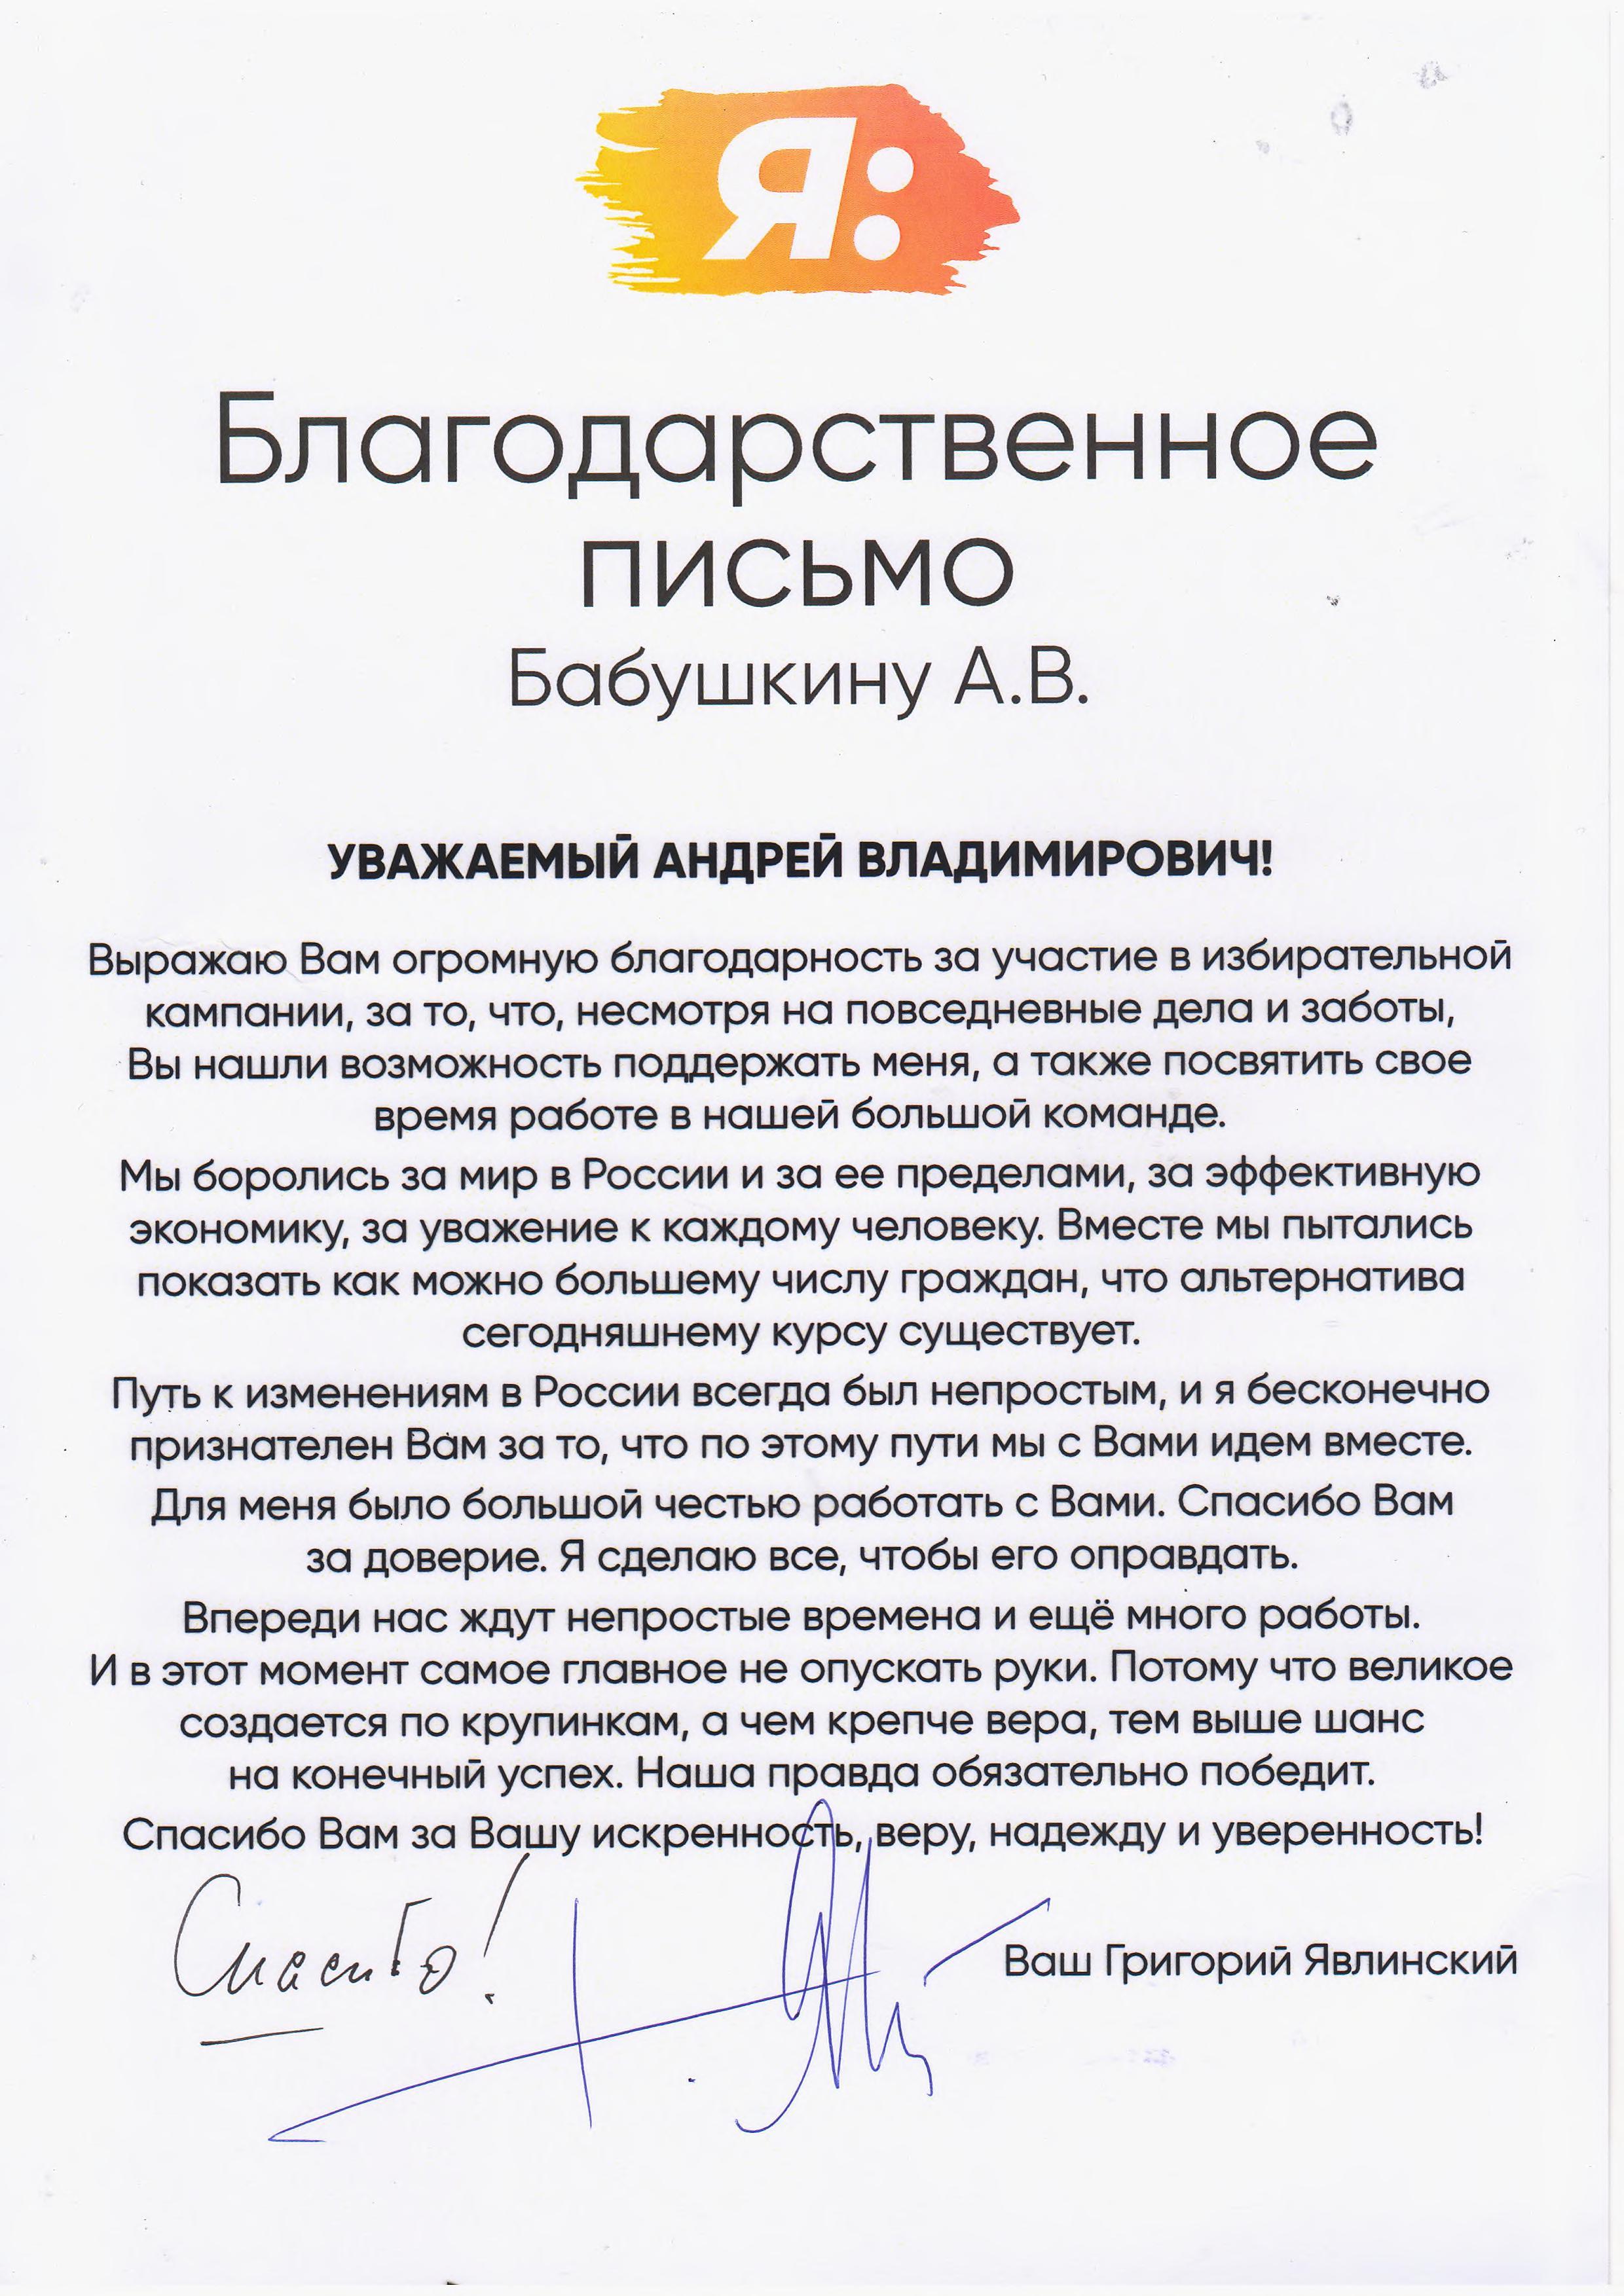 Благодарственное письмо Бабушкину А.В.